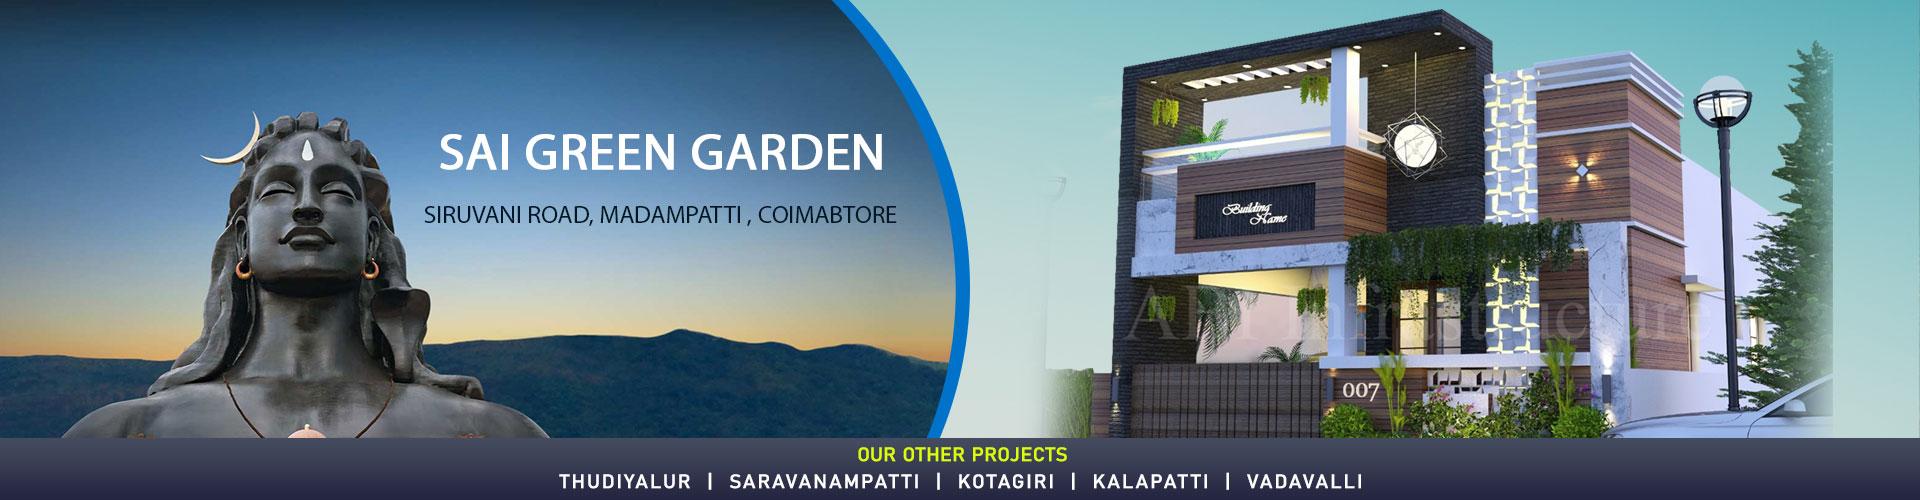 Villas for sale in Kalapatti, Coimbatore